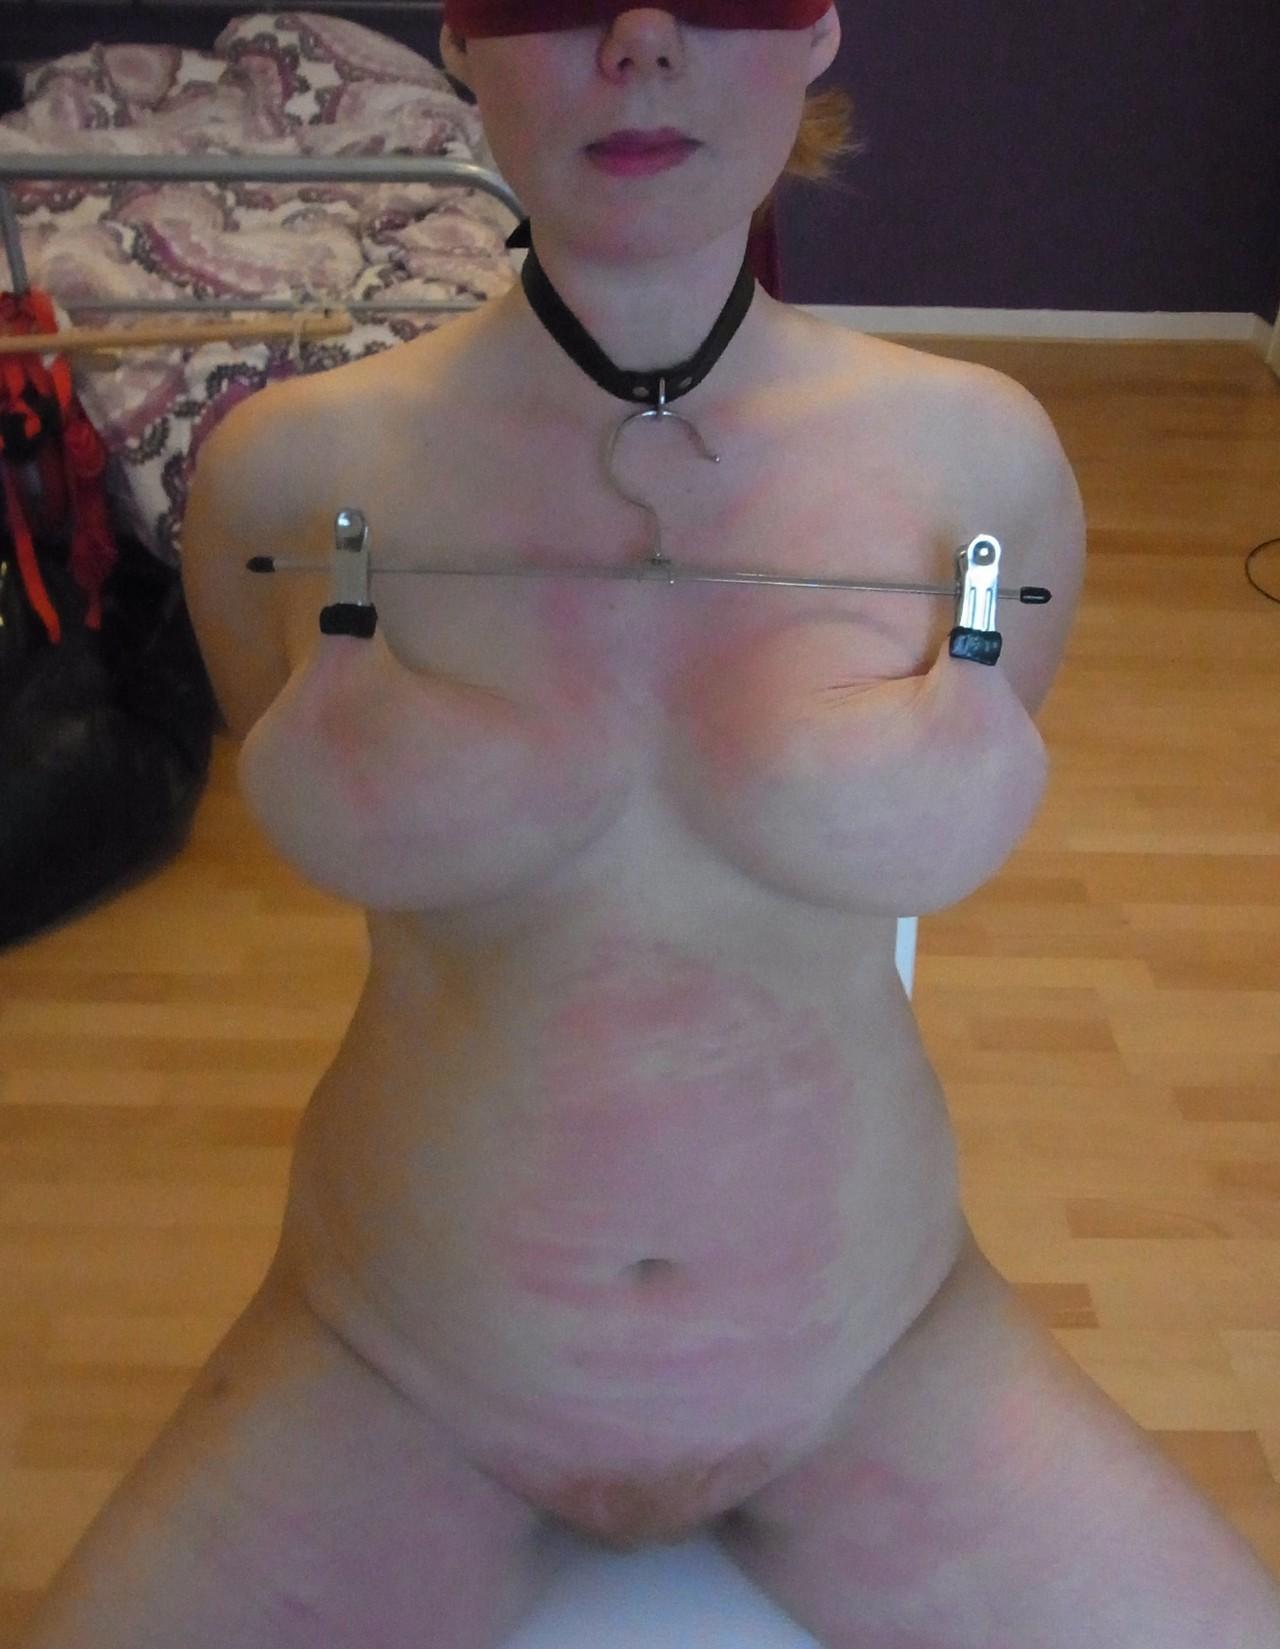 Naked selena gomez look a likes